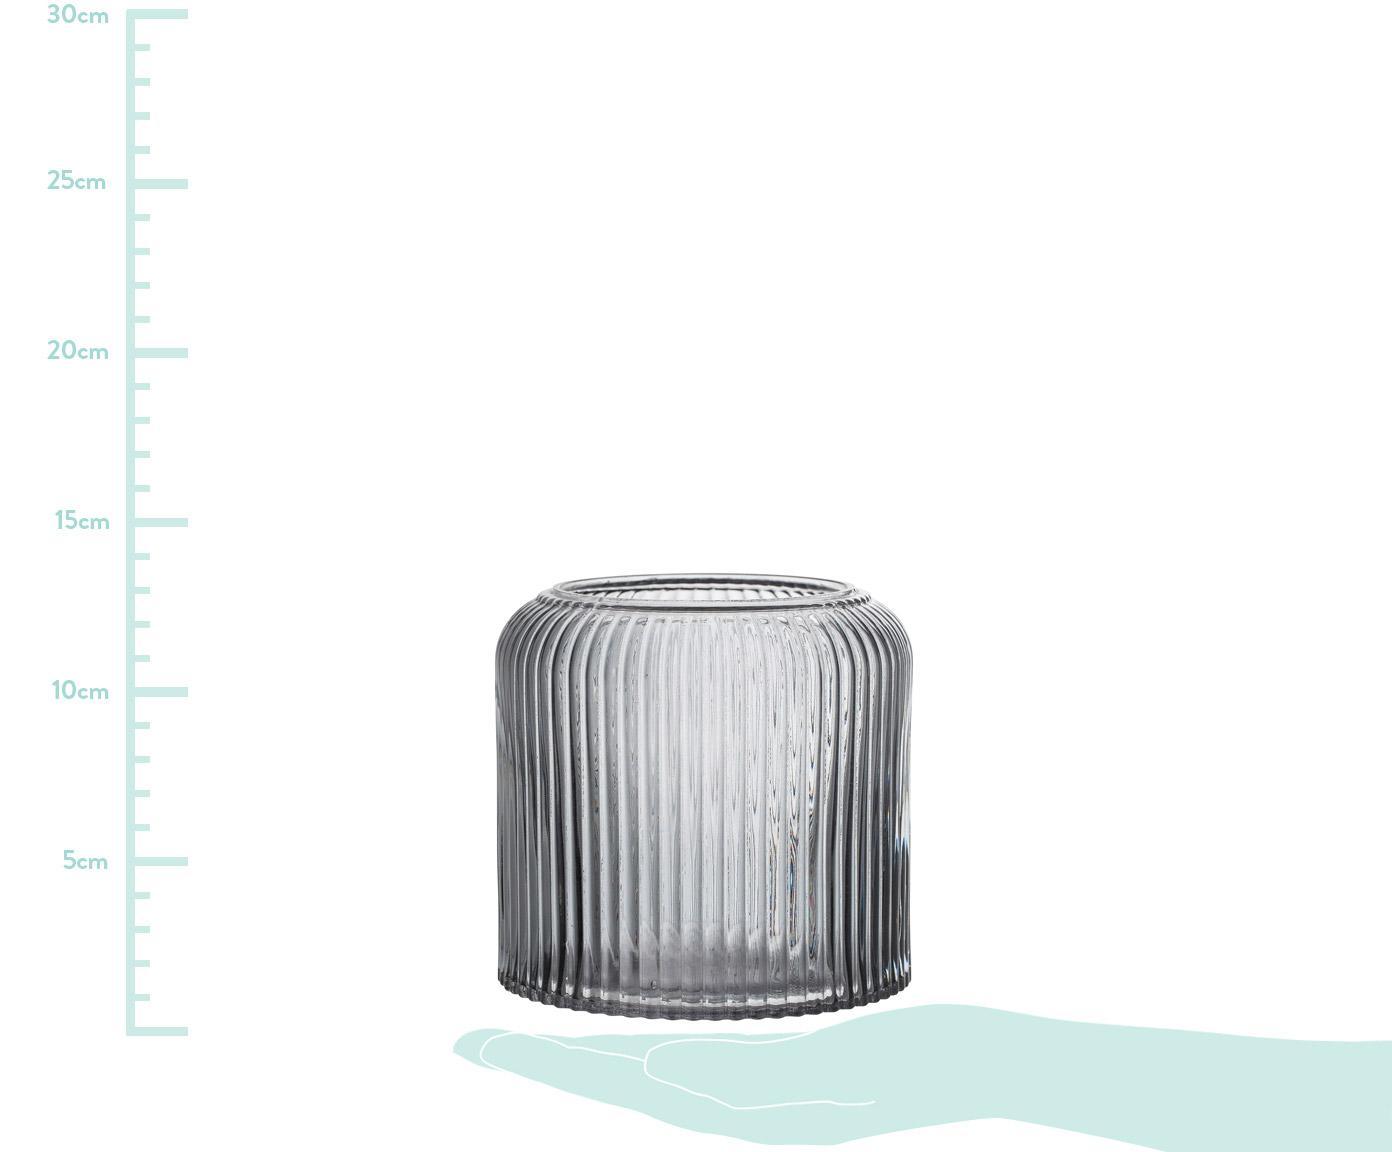 Osłonka na doniczkę Clear, Szkło, Szary, transparentny, Ø 15 x W 13 cm